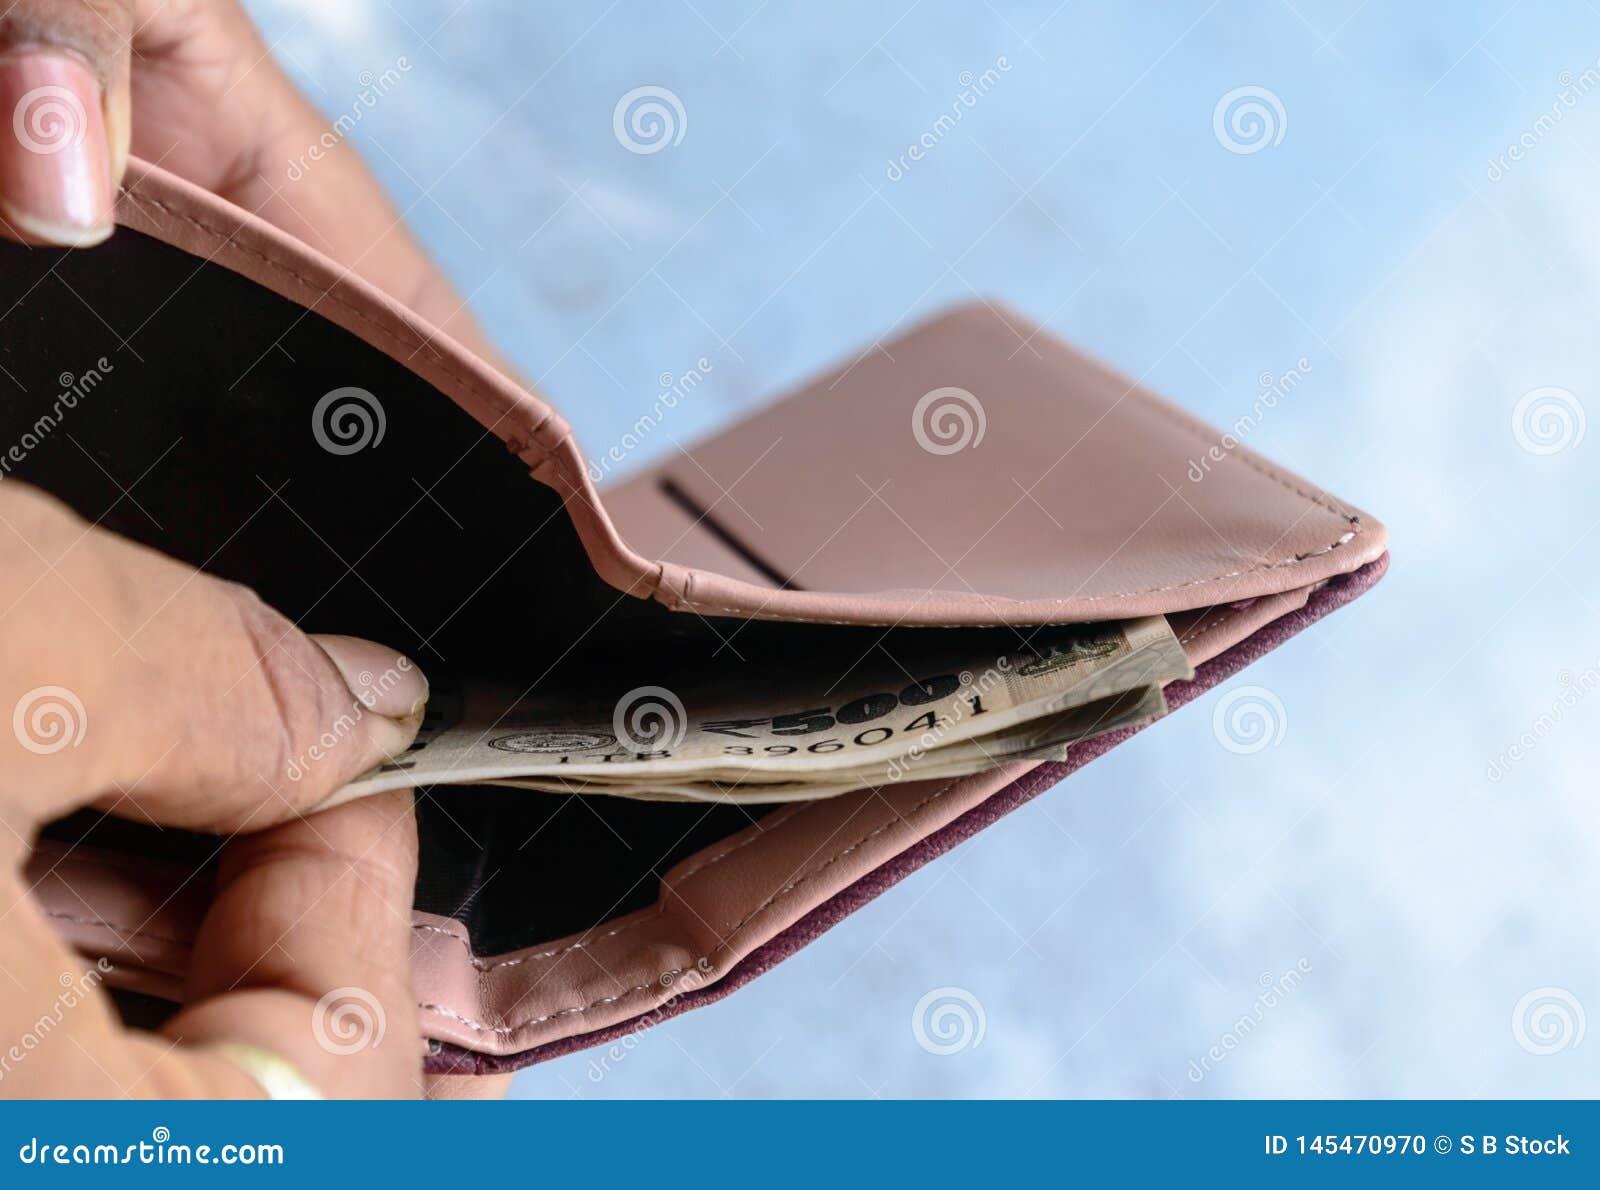 Hombre de negocios que pone o que saca o que paga billetes de banco de la rupia india de la cartera de cuero Fondo blanco aislado